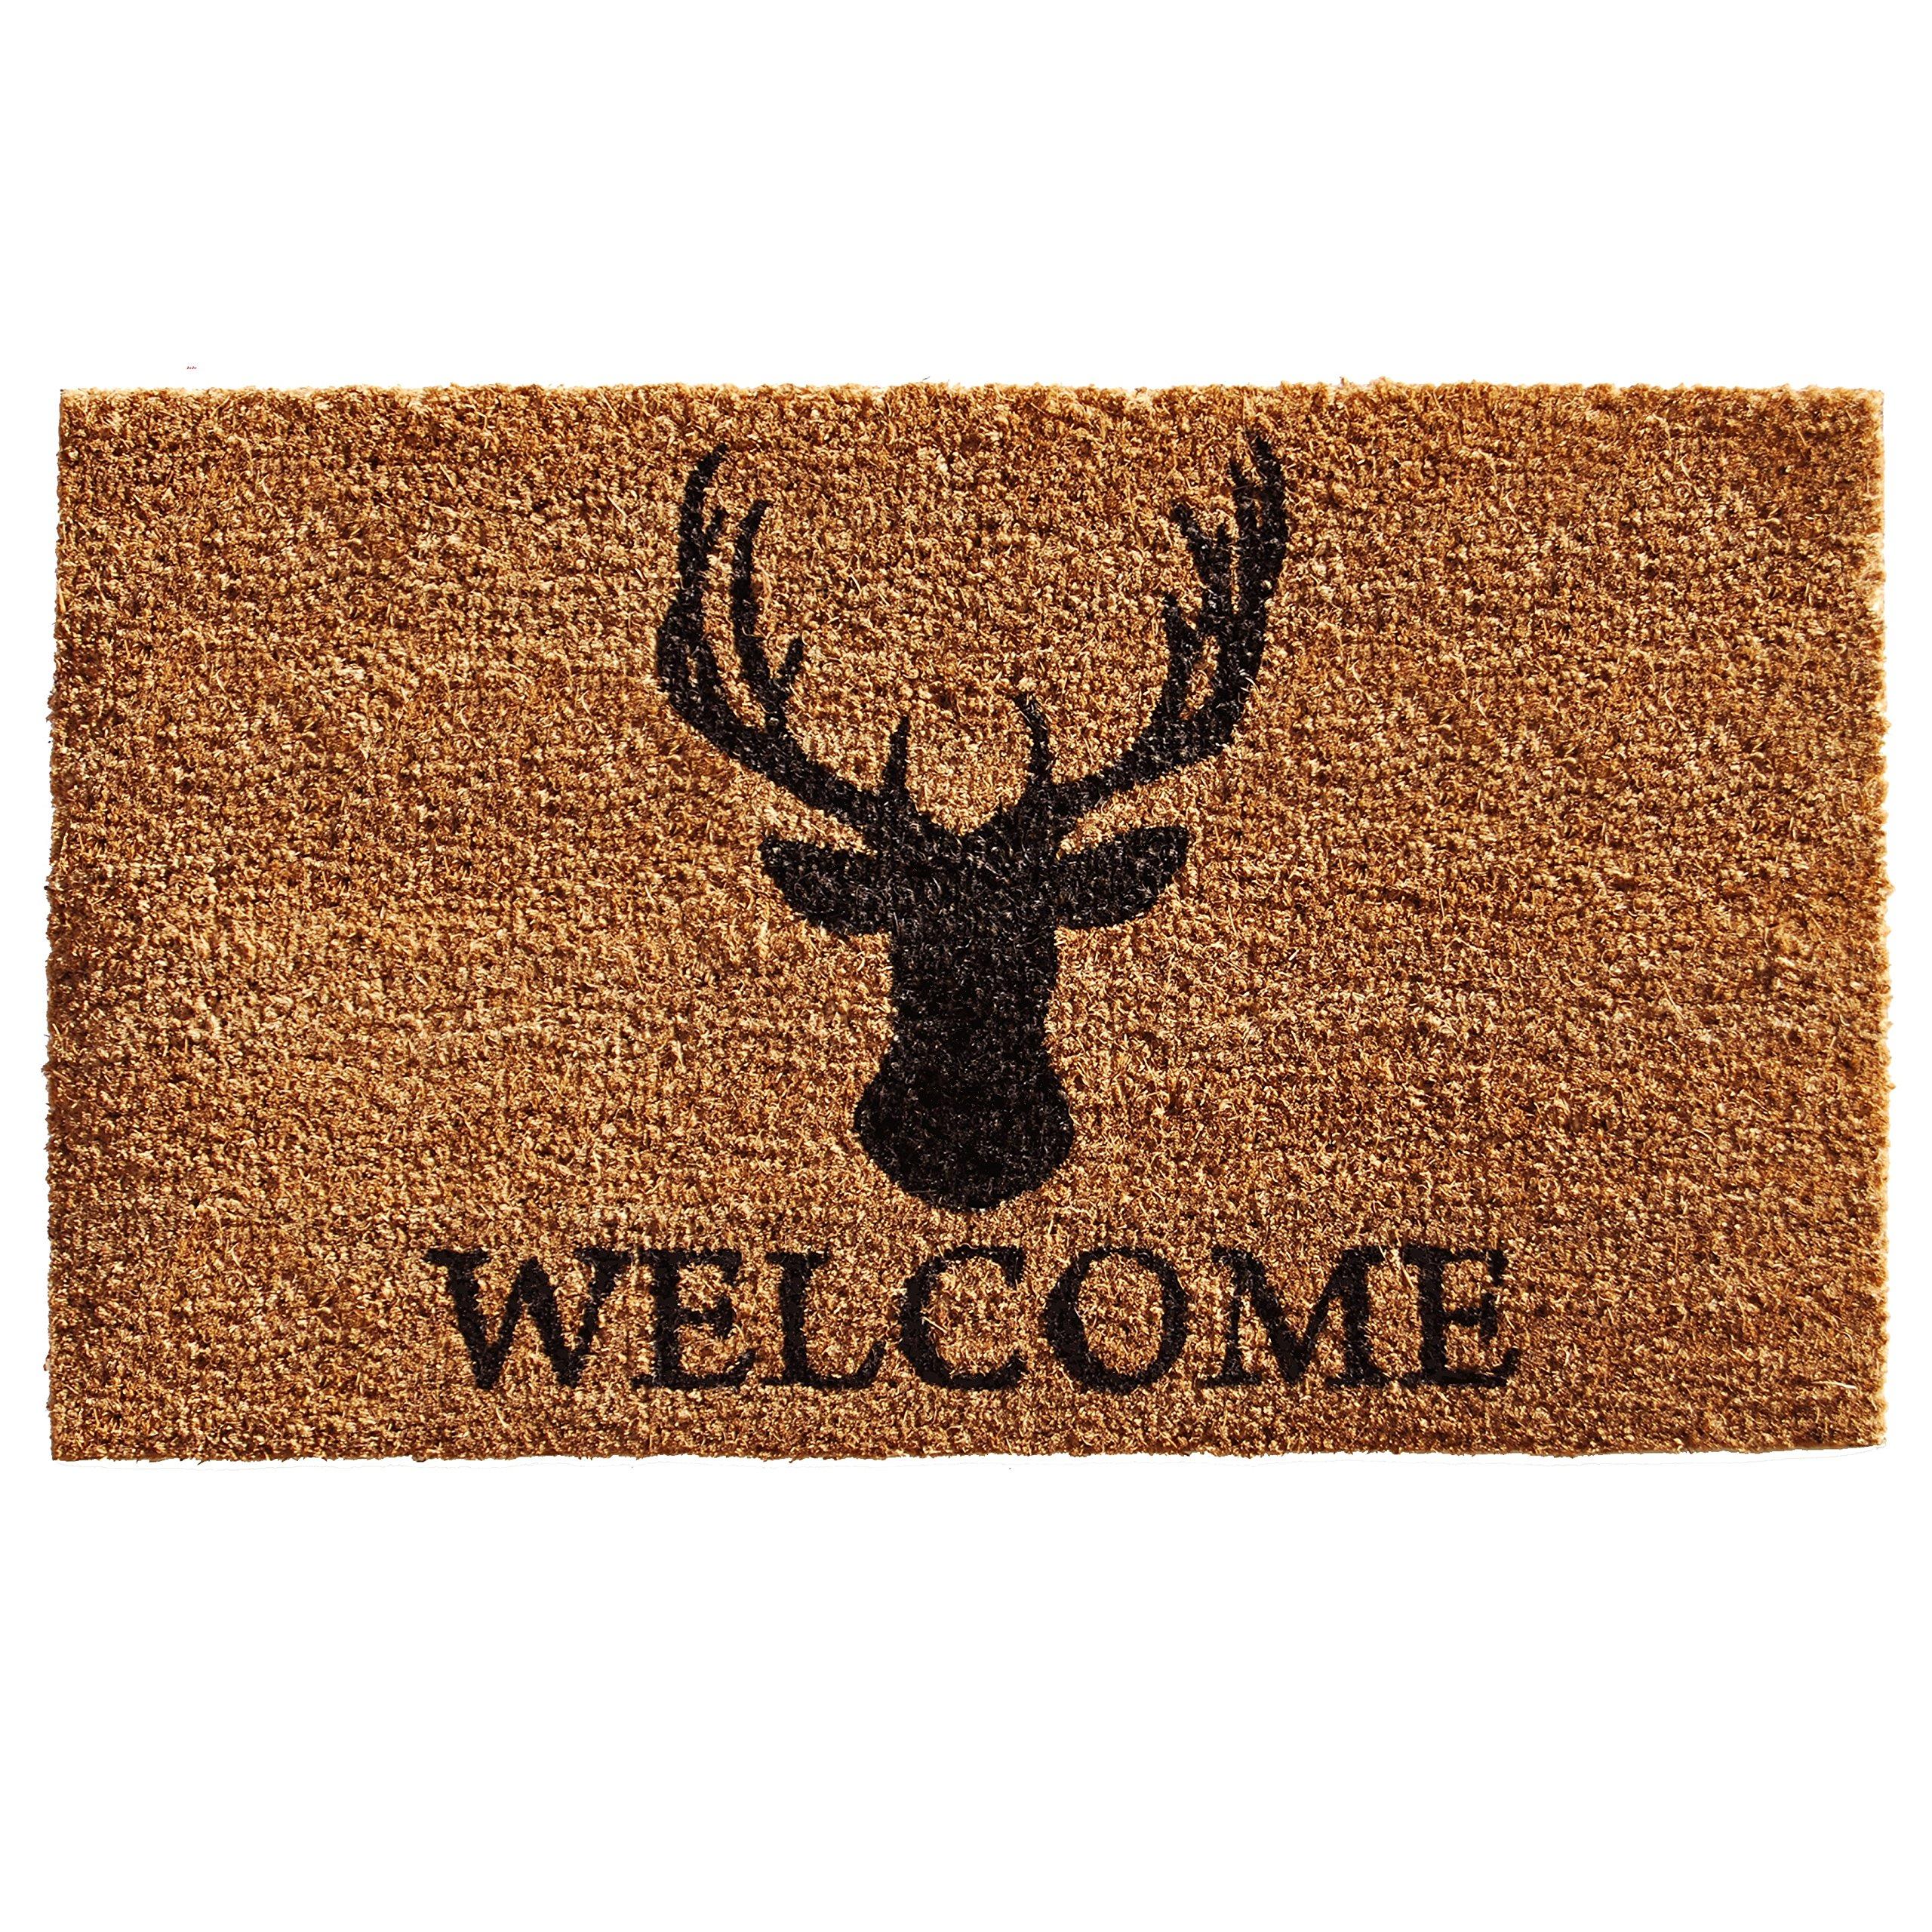 Home & More 121472436 Deer Welcome Doormat, 24'' x 36'' x 0.60'', Natural/Black